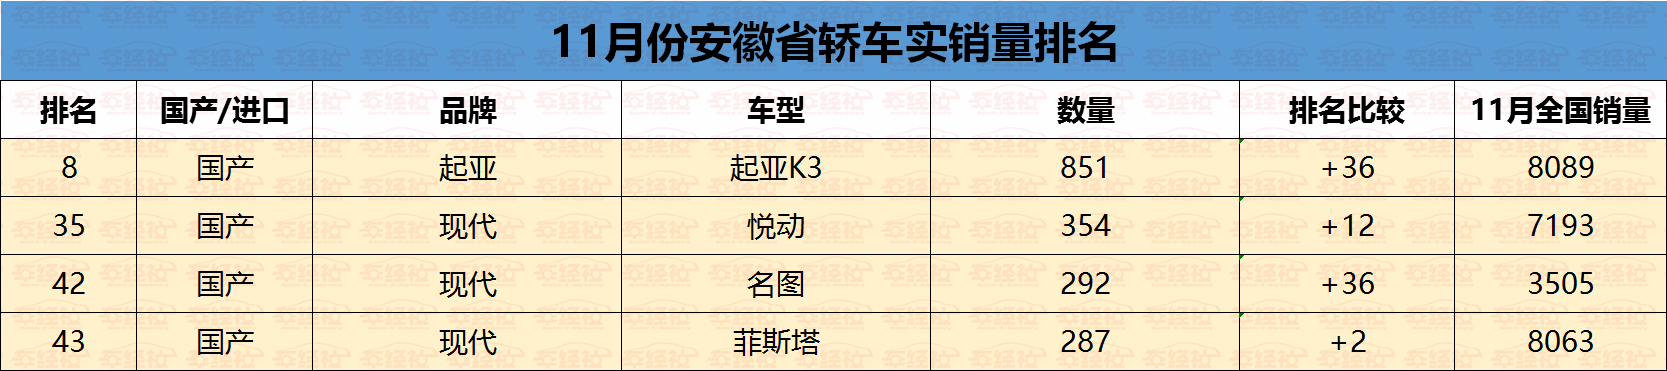 实销数据:安徽最受欢迎轿车车型,德系、美系称王,日系跌落前十